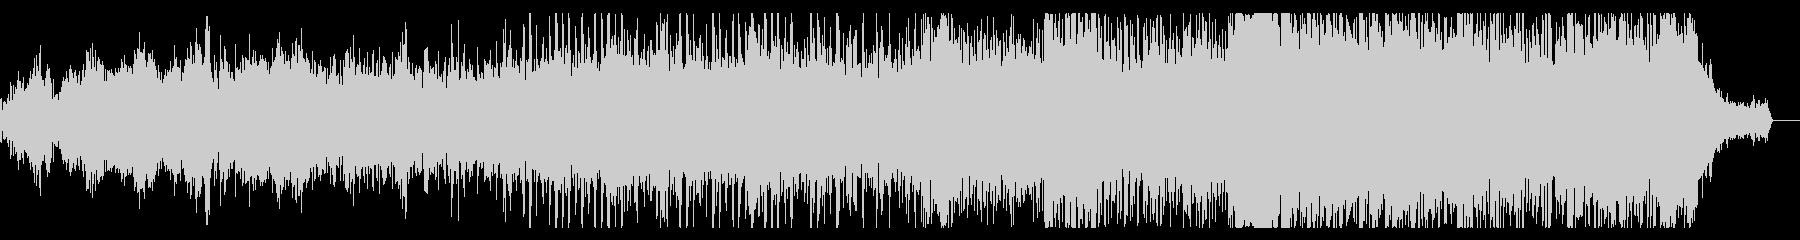 神秘的で音程の希薄なアンビエントIDMの未再生の波形